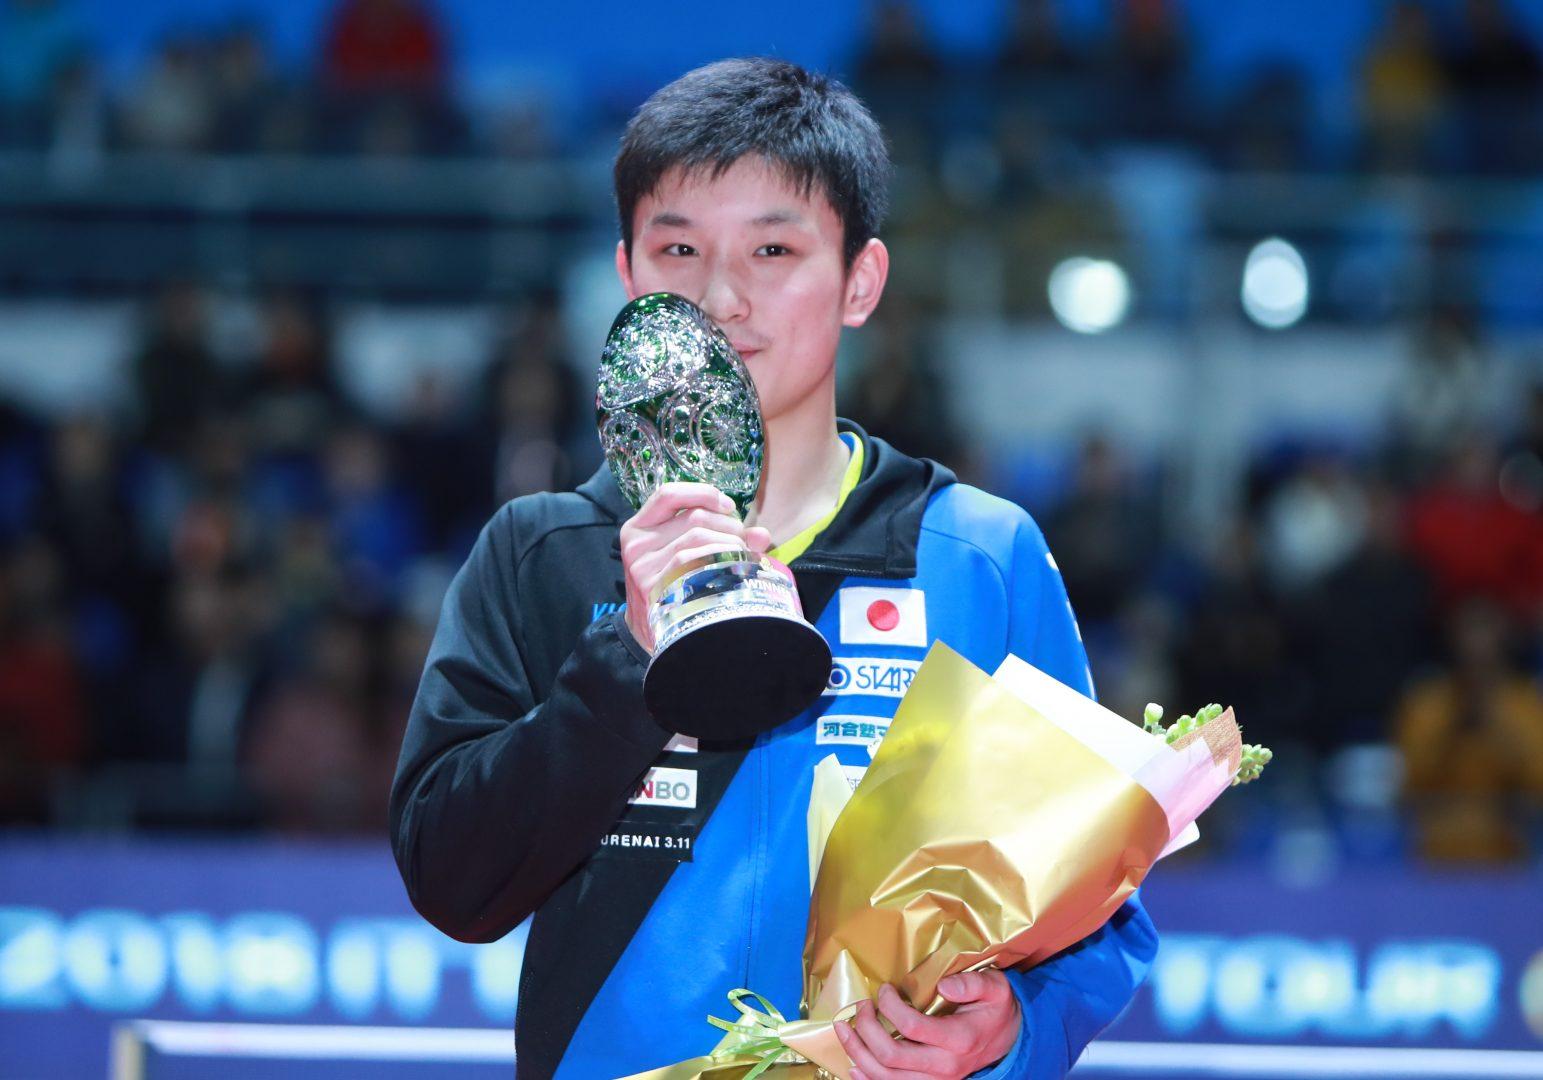 卓球界、過去世界ランキング1位の日本人選手は?バドでは奥原希望が1位の快挙